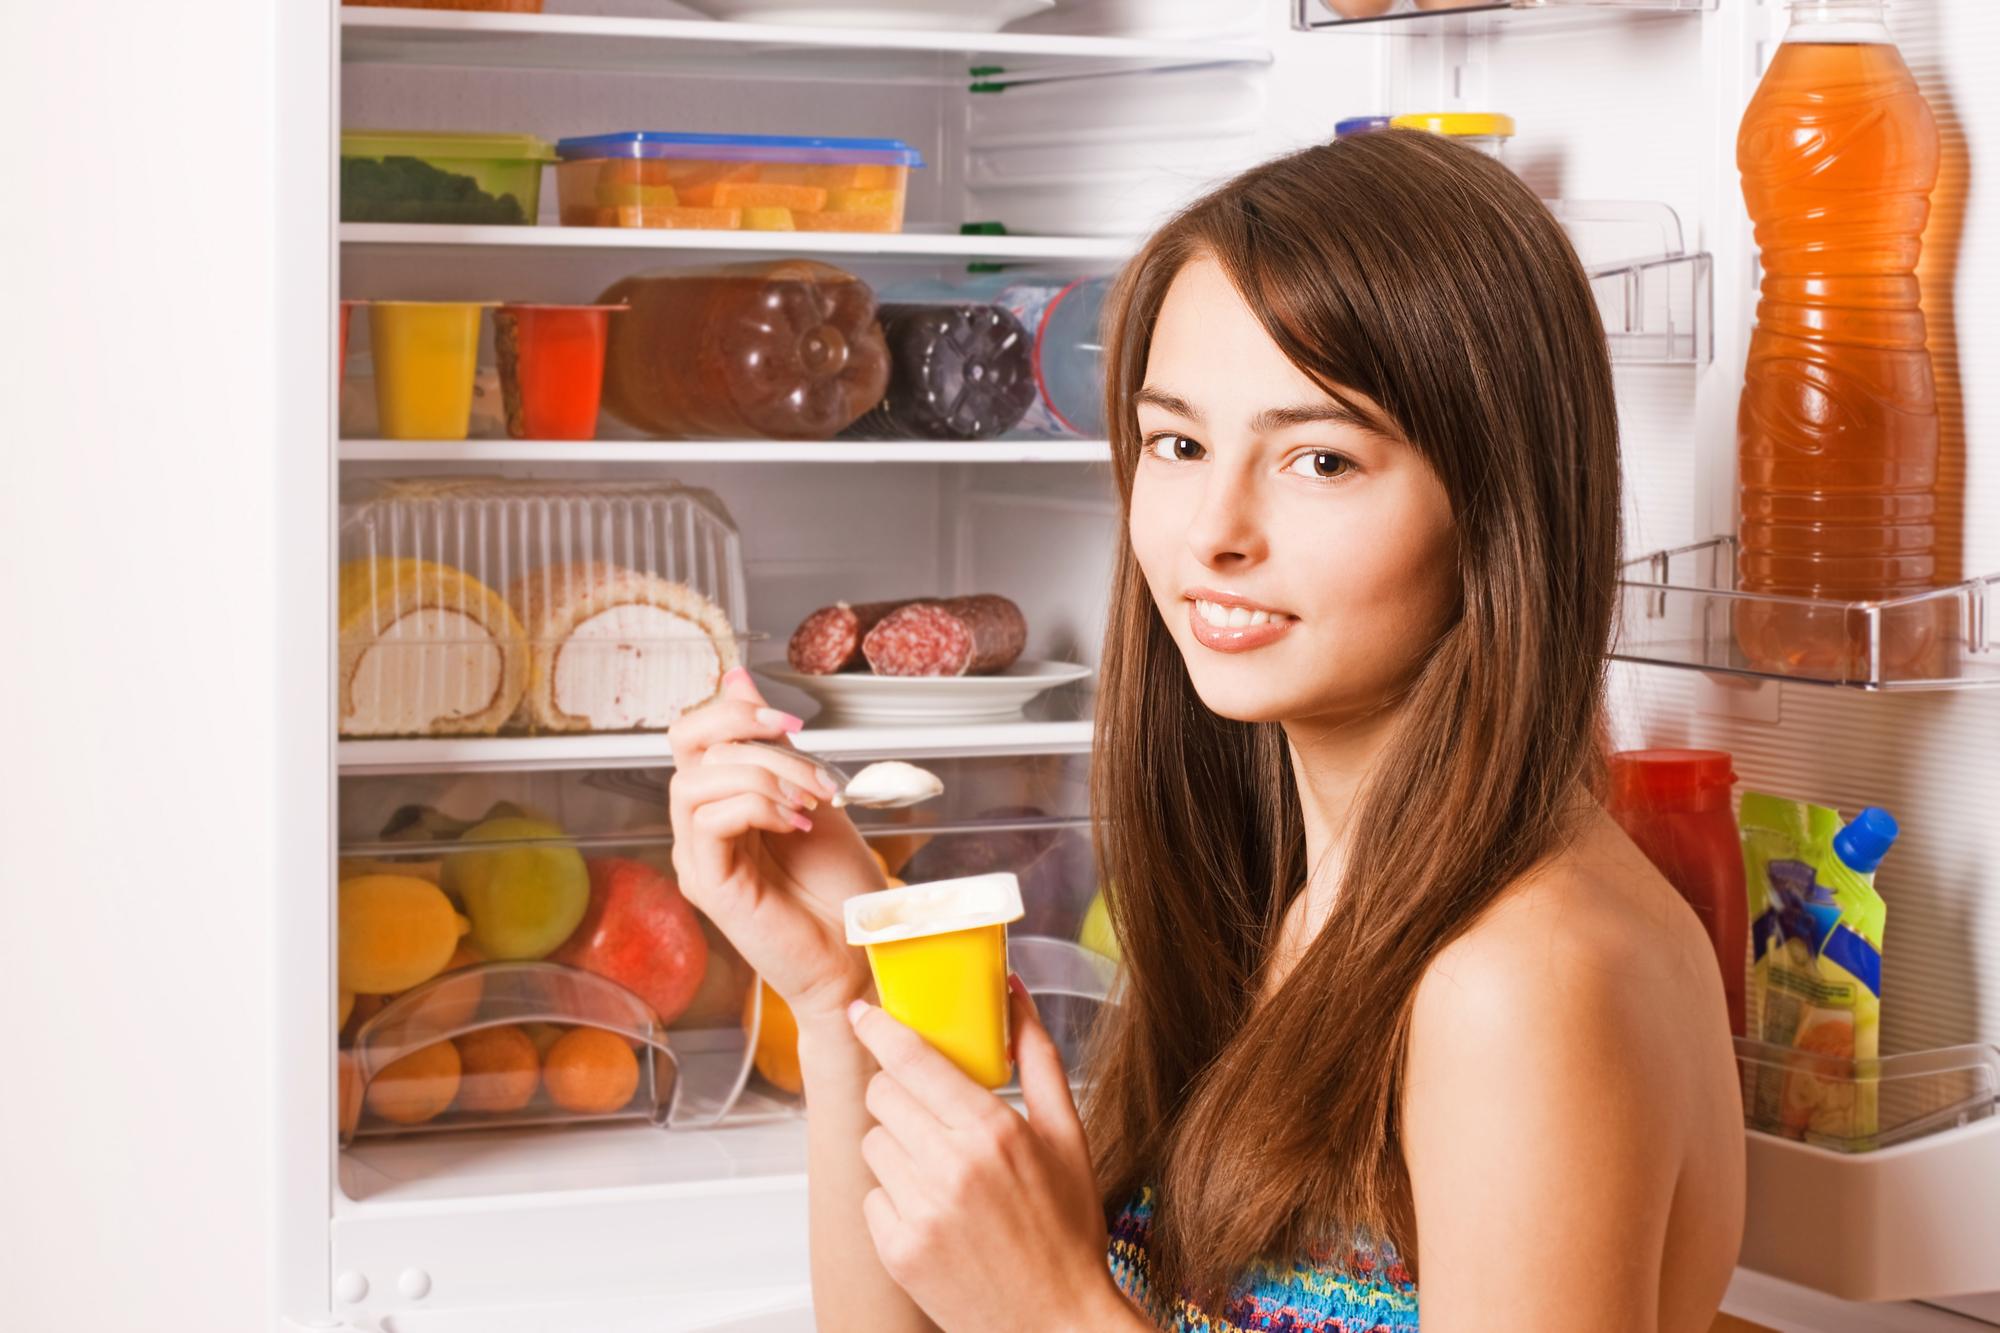 девушка возле холодильника